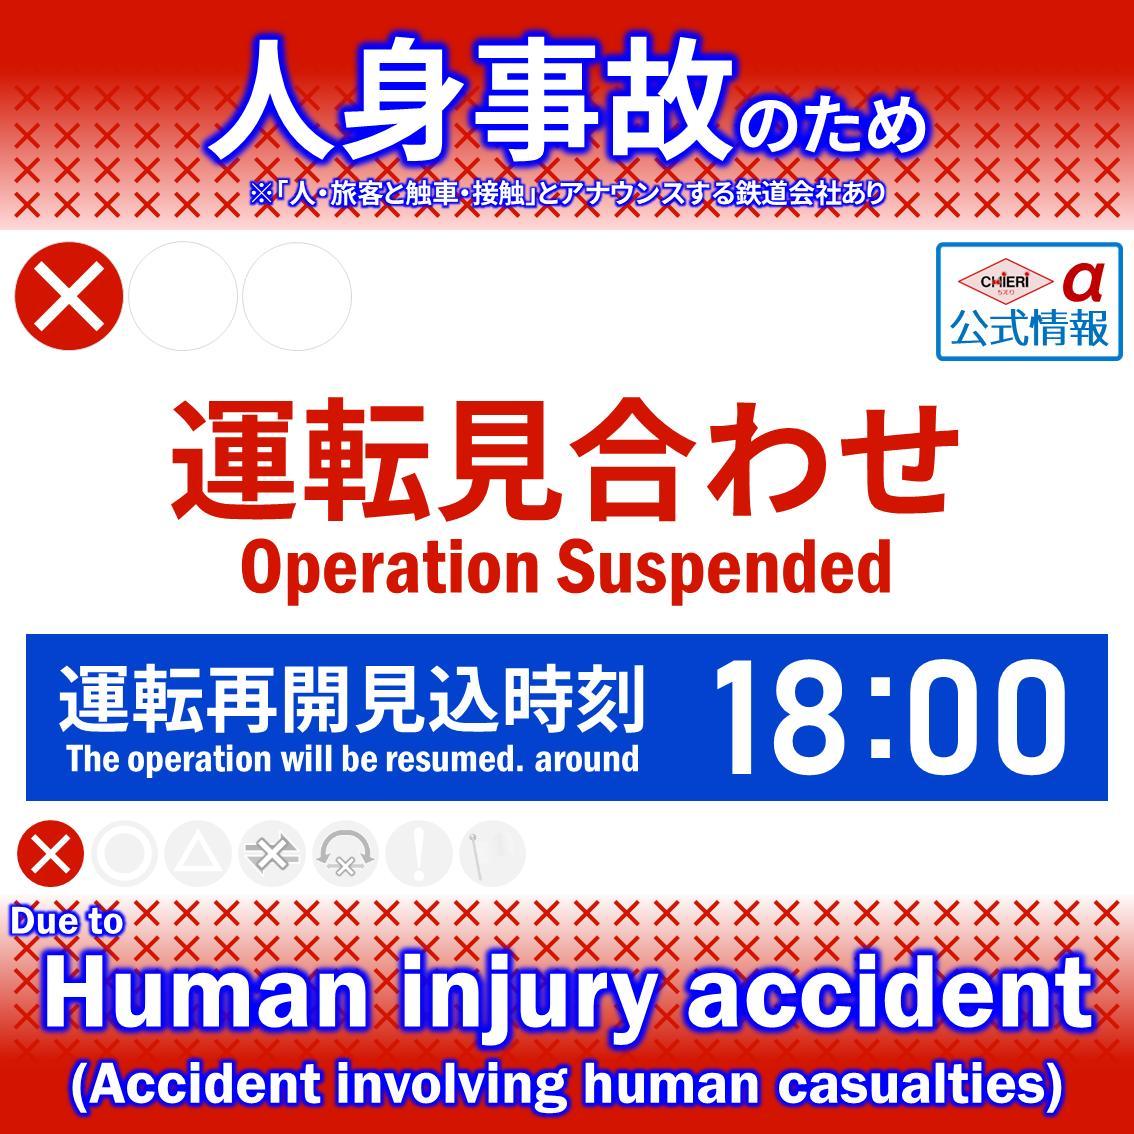 画像,◆JR神戸線<17:05現在 ❌運転見合わせ>16:53頃、塩屋駅で人身事故発生のため、西明石~須磨駅間の運転を見合わせています⏰運転再開見込…18…